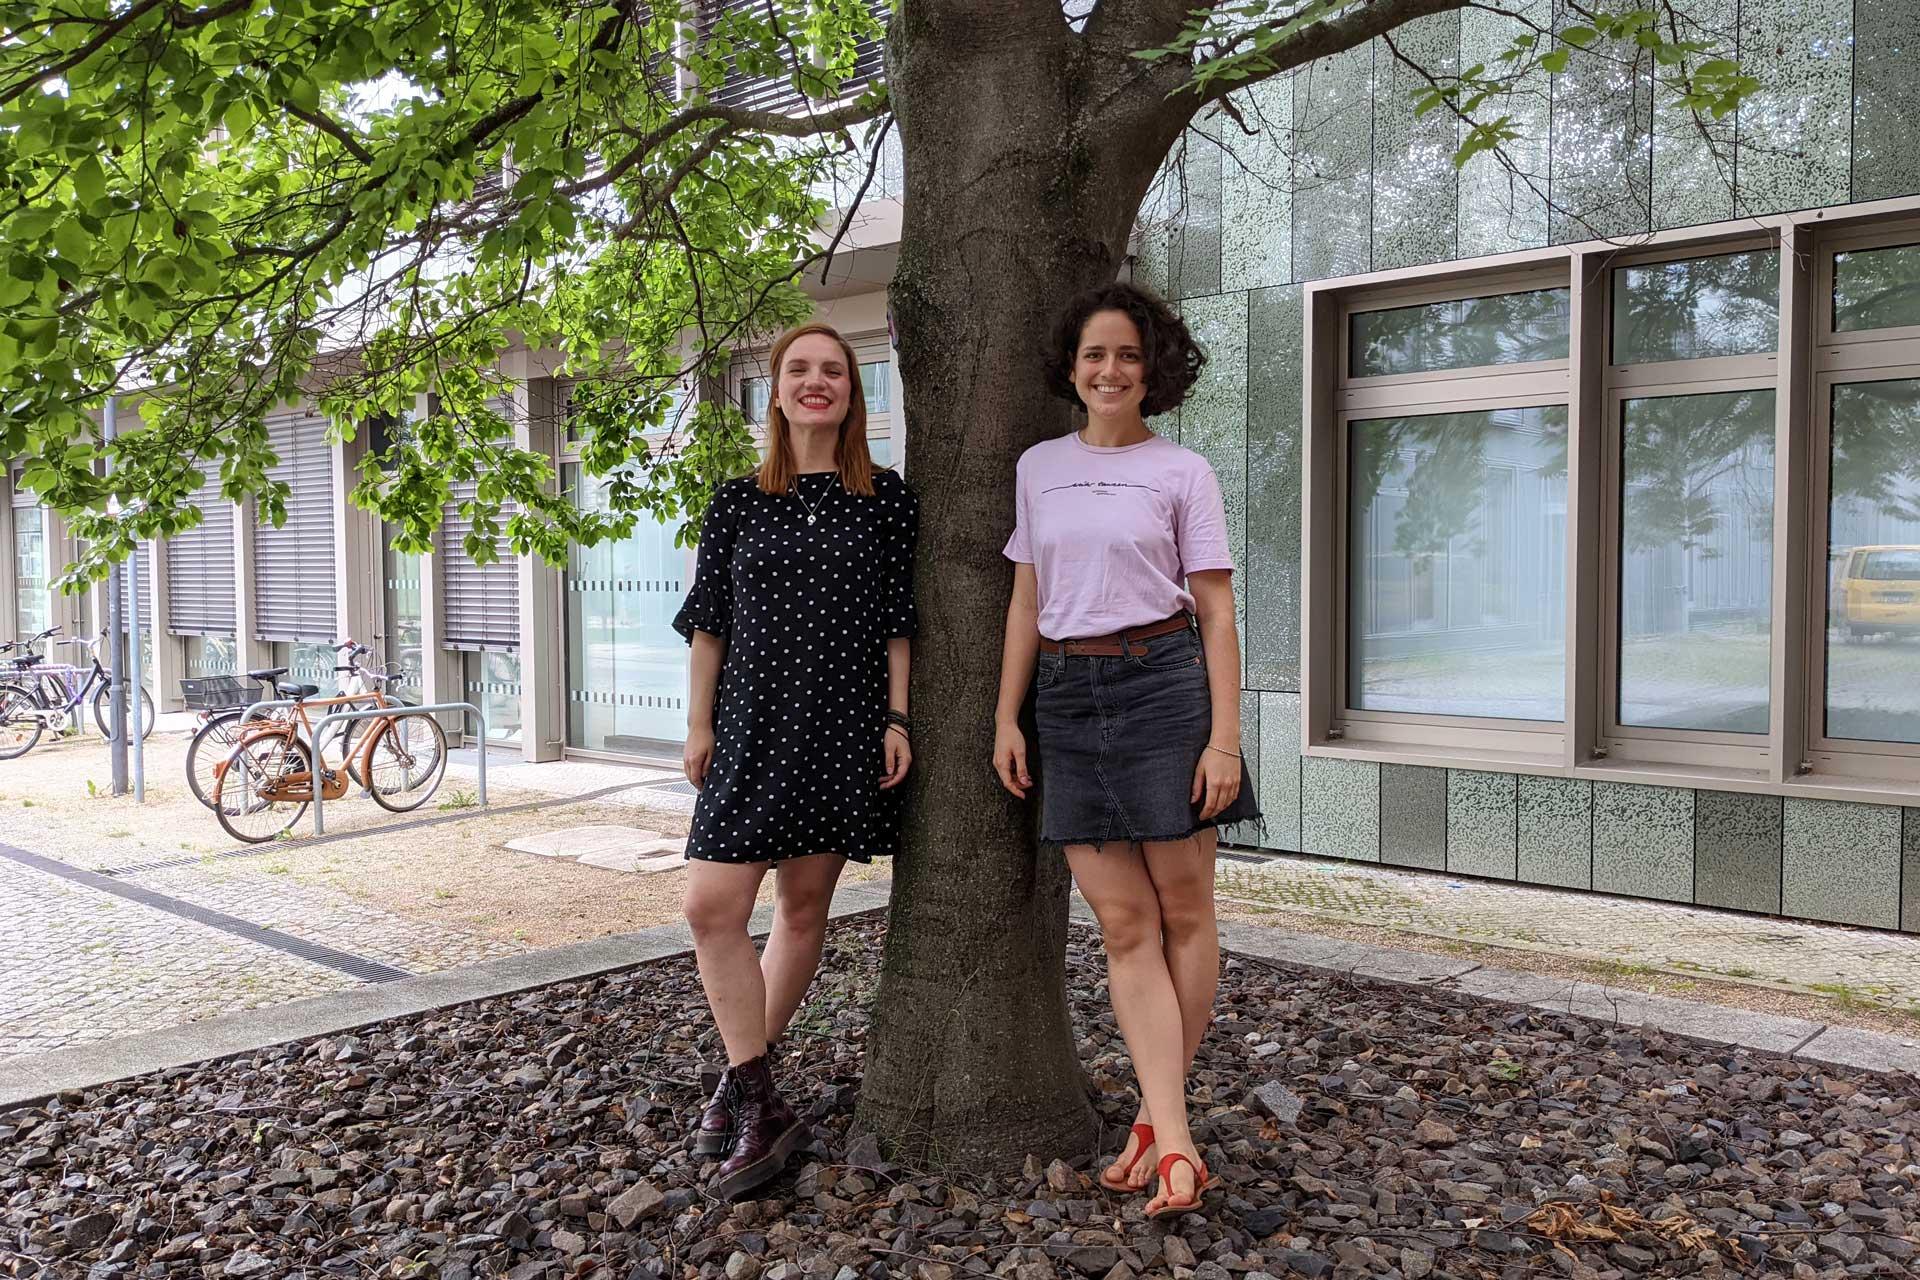 Elisa und Melissa lehnen sich an einen Baum.